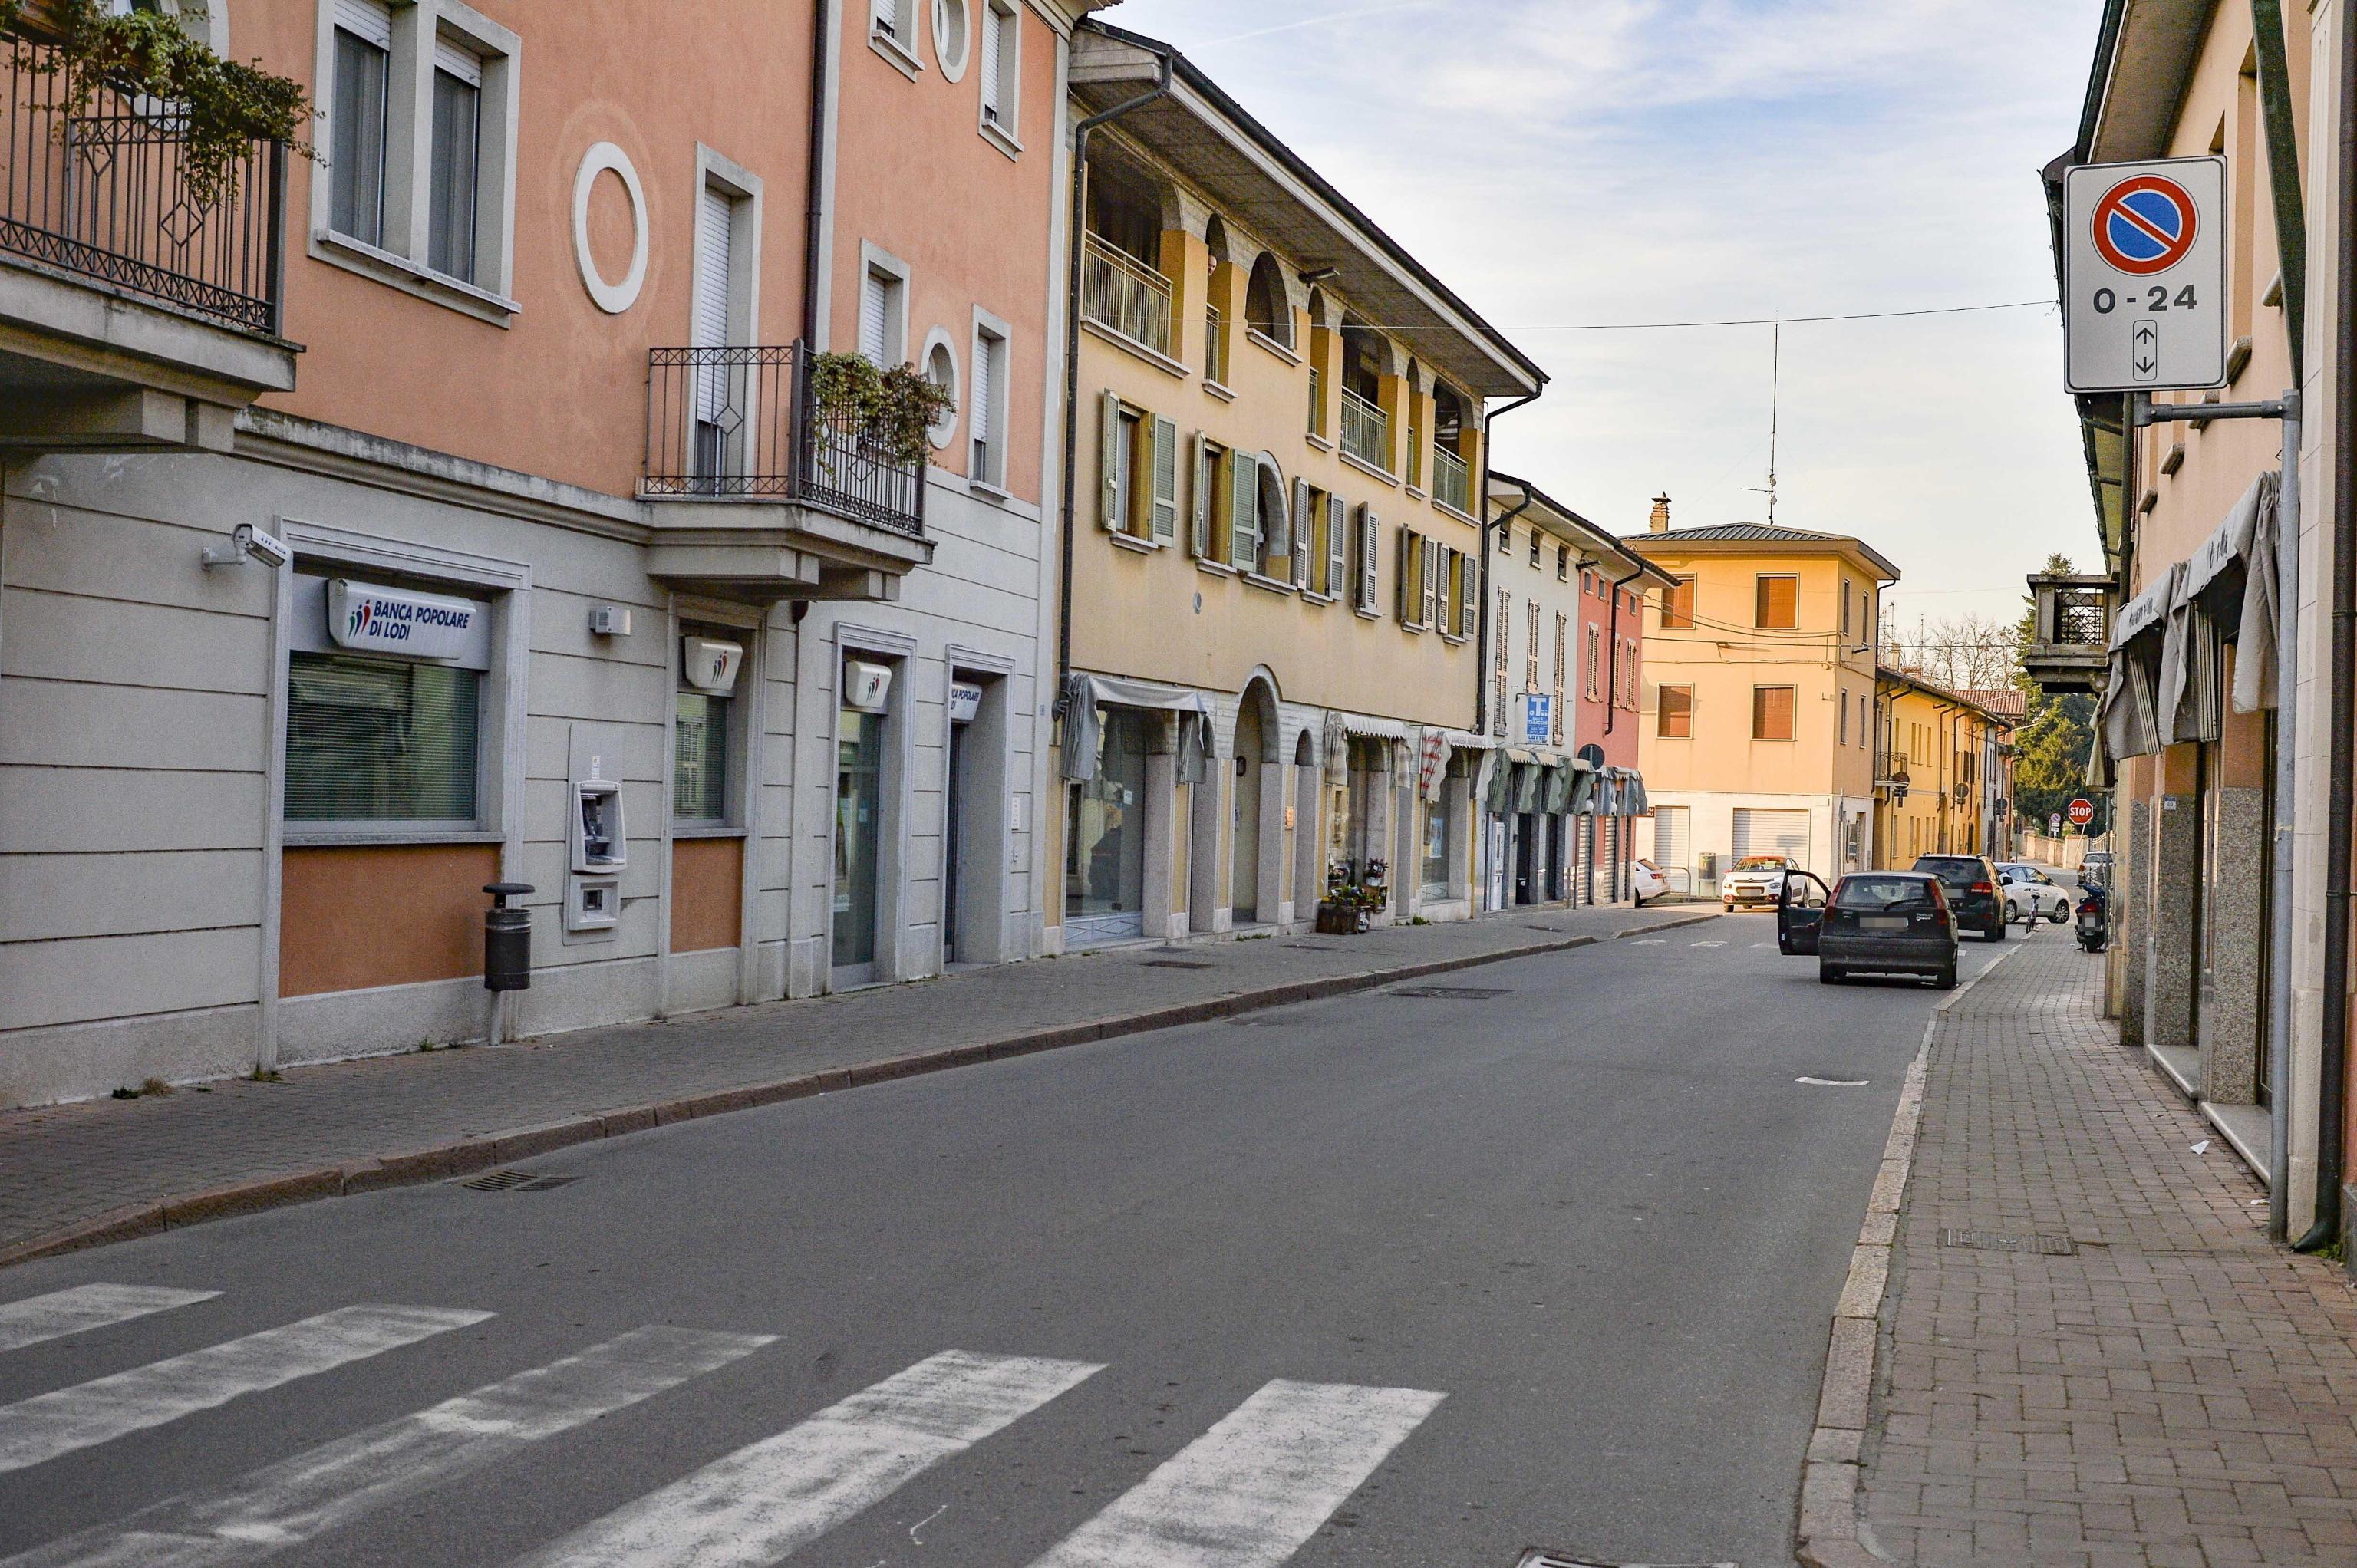 Cidade italiana encerra locais públicos após confirmação de casos de infeção pelo Covid-19